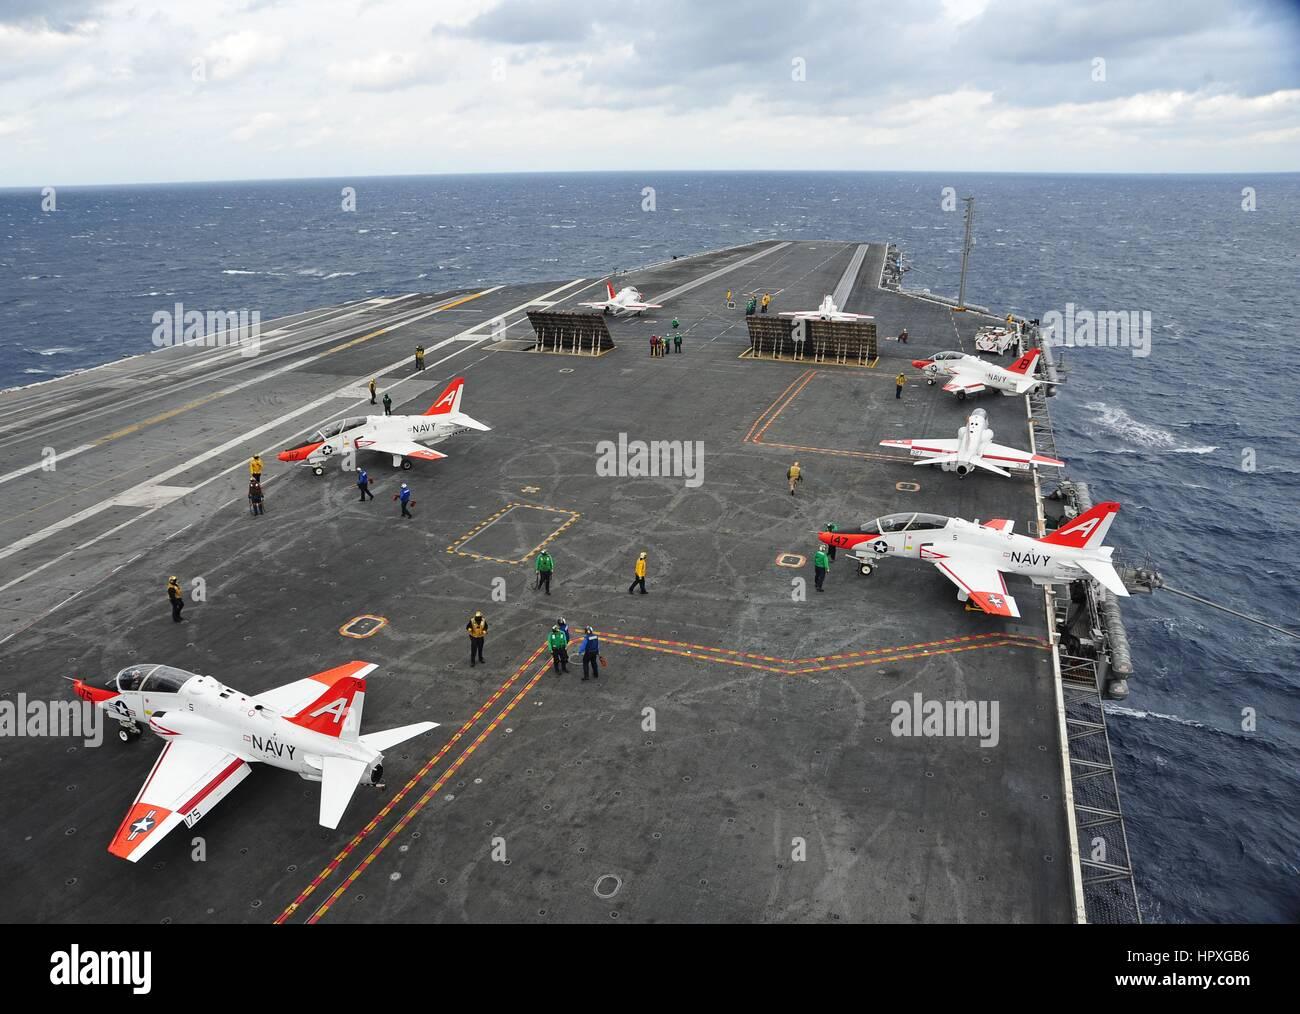 Tres aviones de prepararse para lanzar fuera de la cubierta de vuelo del portaaviones USS Harry S. Truman, en curso Imagen De Stock